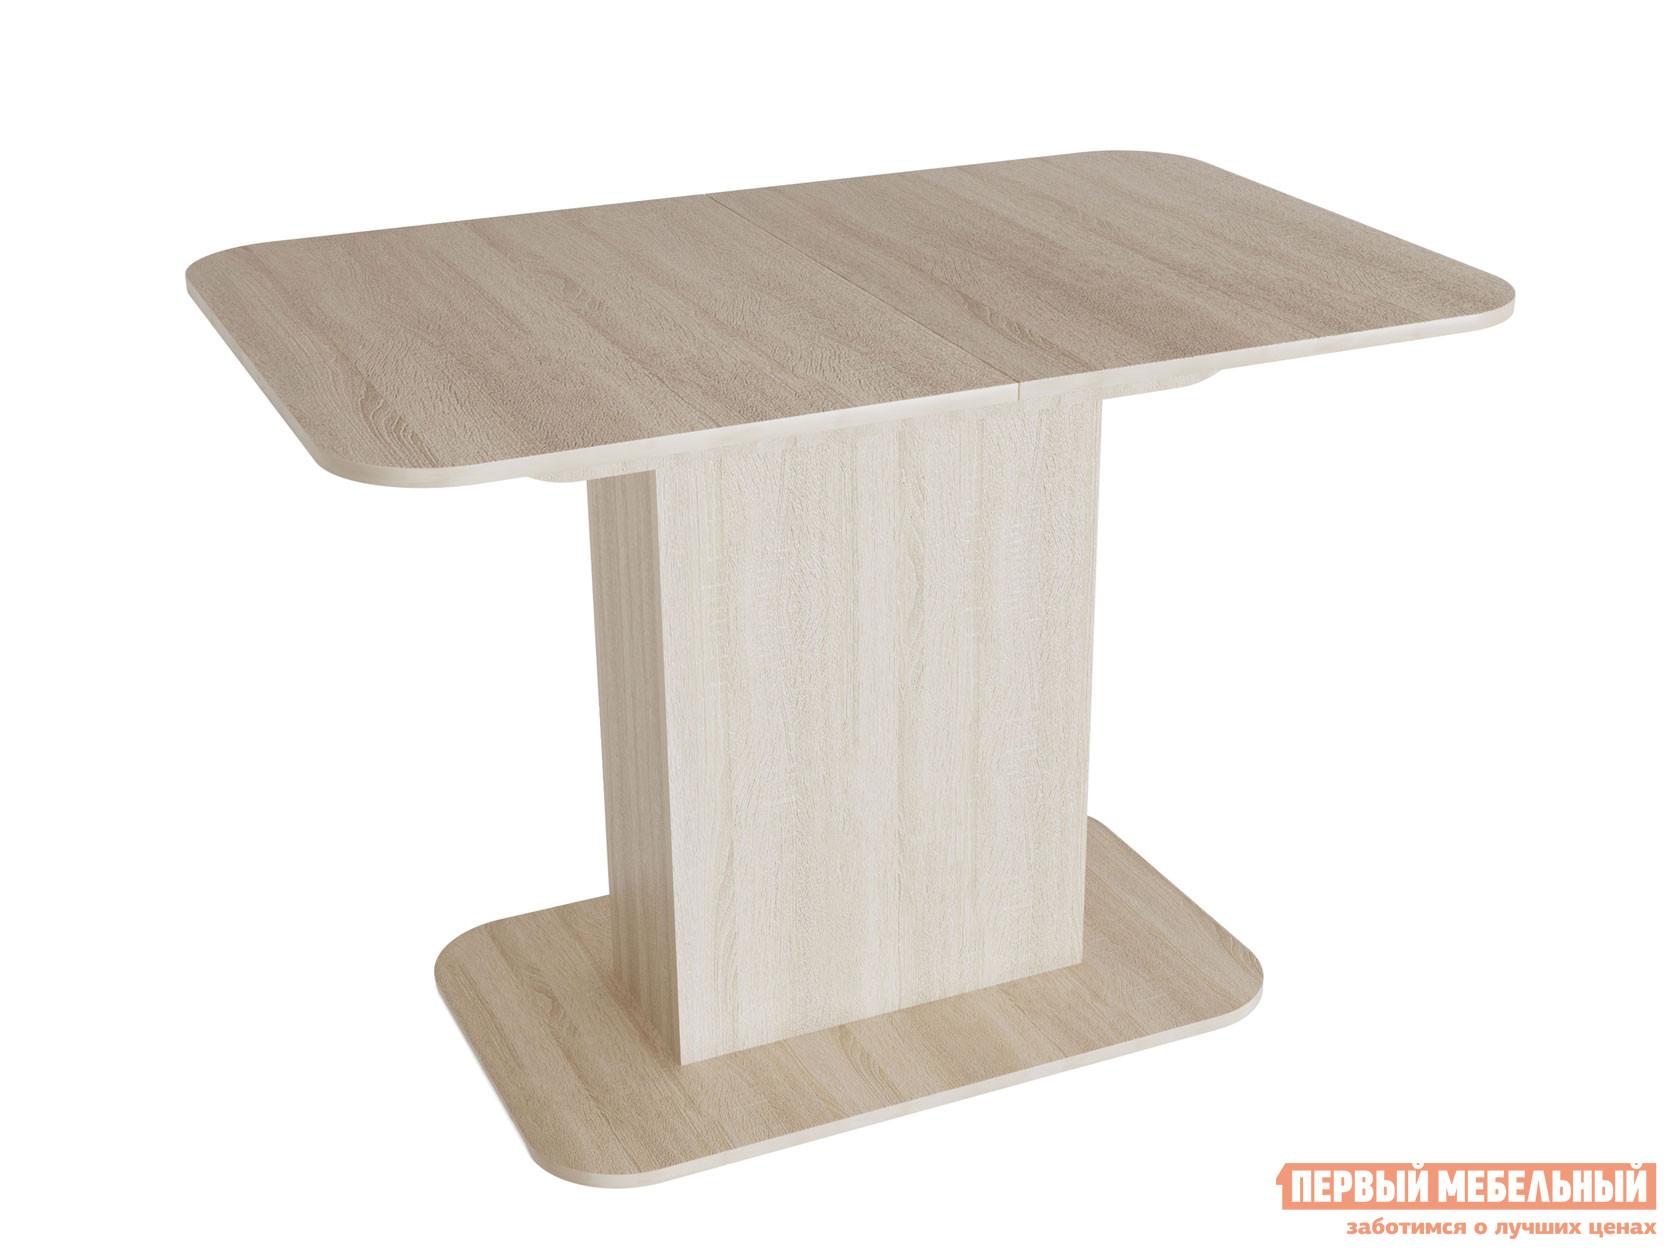 Кухонный стол  Стол Форт Дуб Сонома — Стол Форт Дуб Сонома